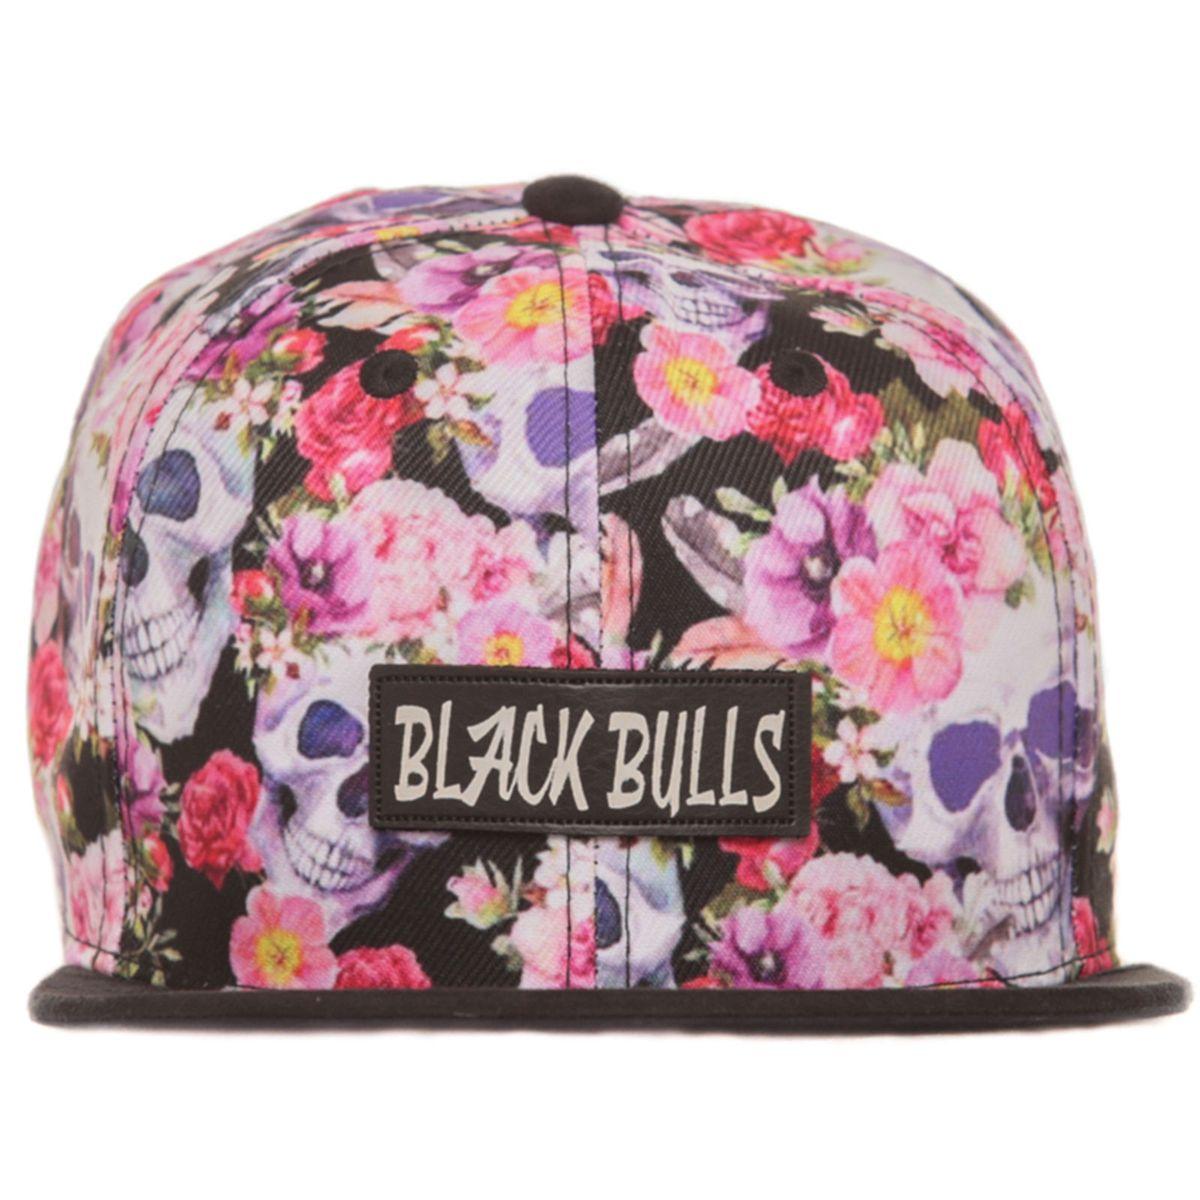 414c9f9c91 boné florido e caveira rosas floral colorido snapback aba camurça. - bonés  black bulls